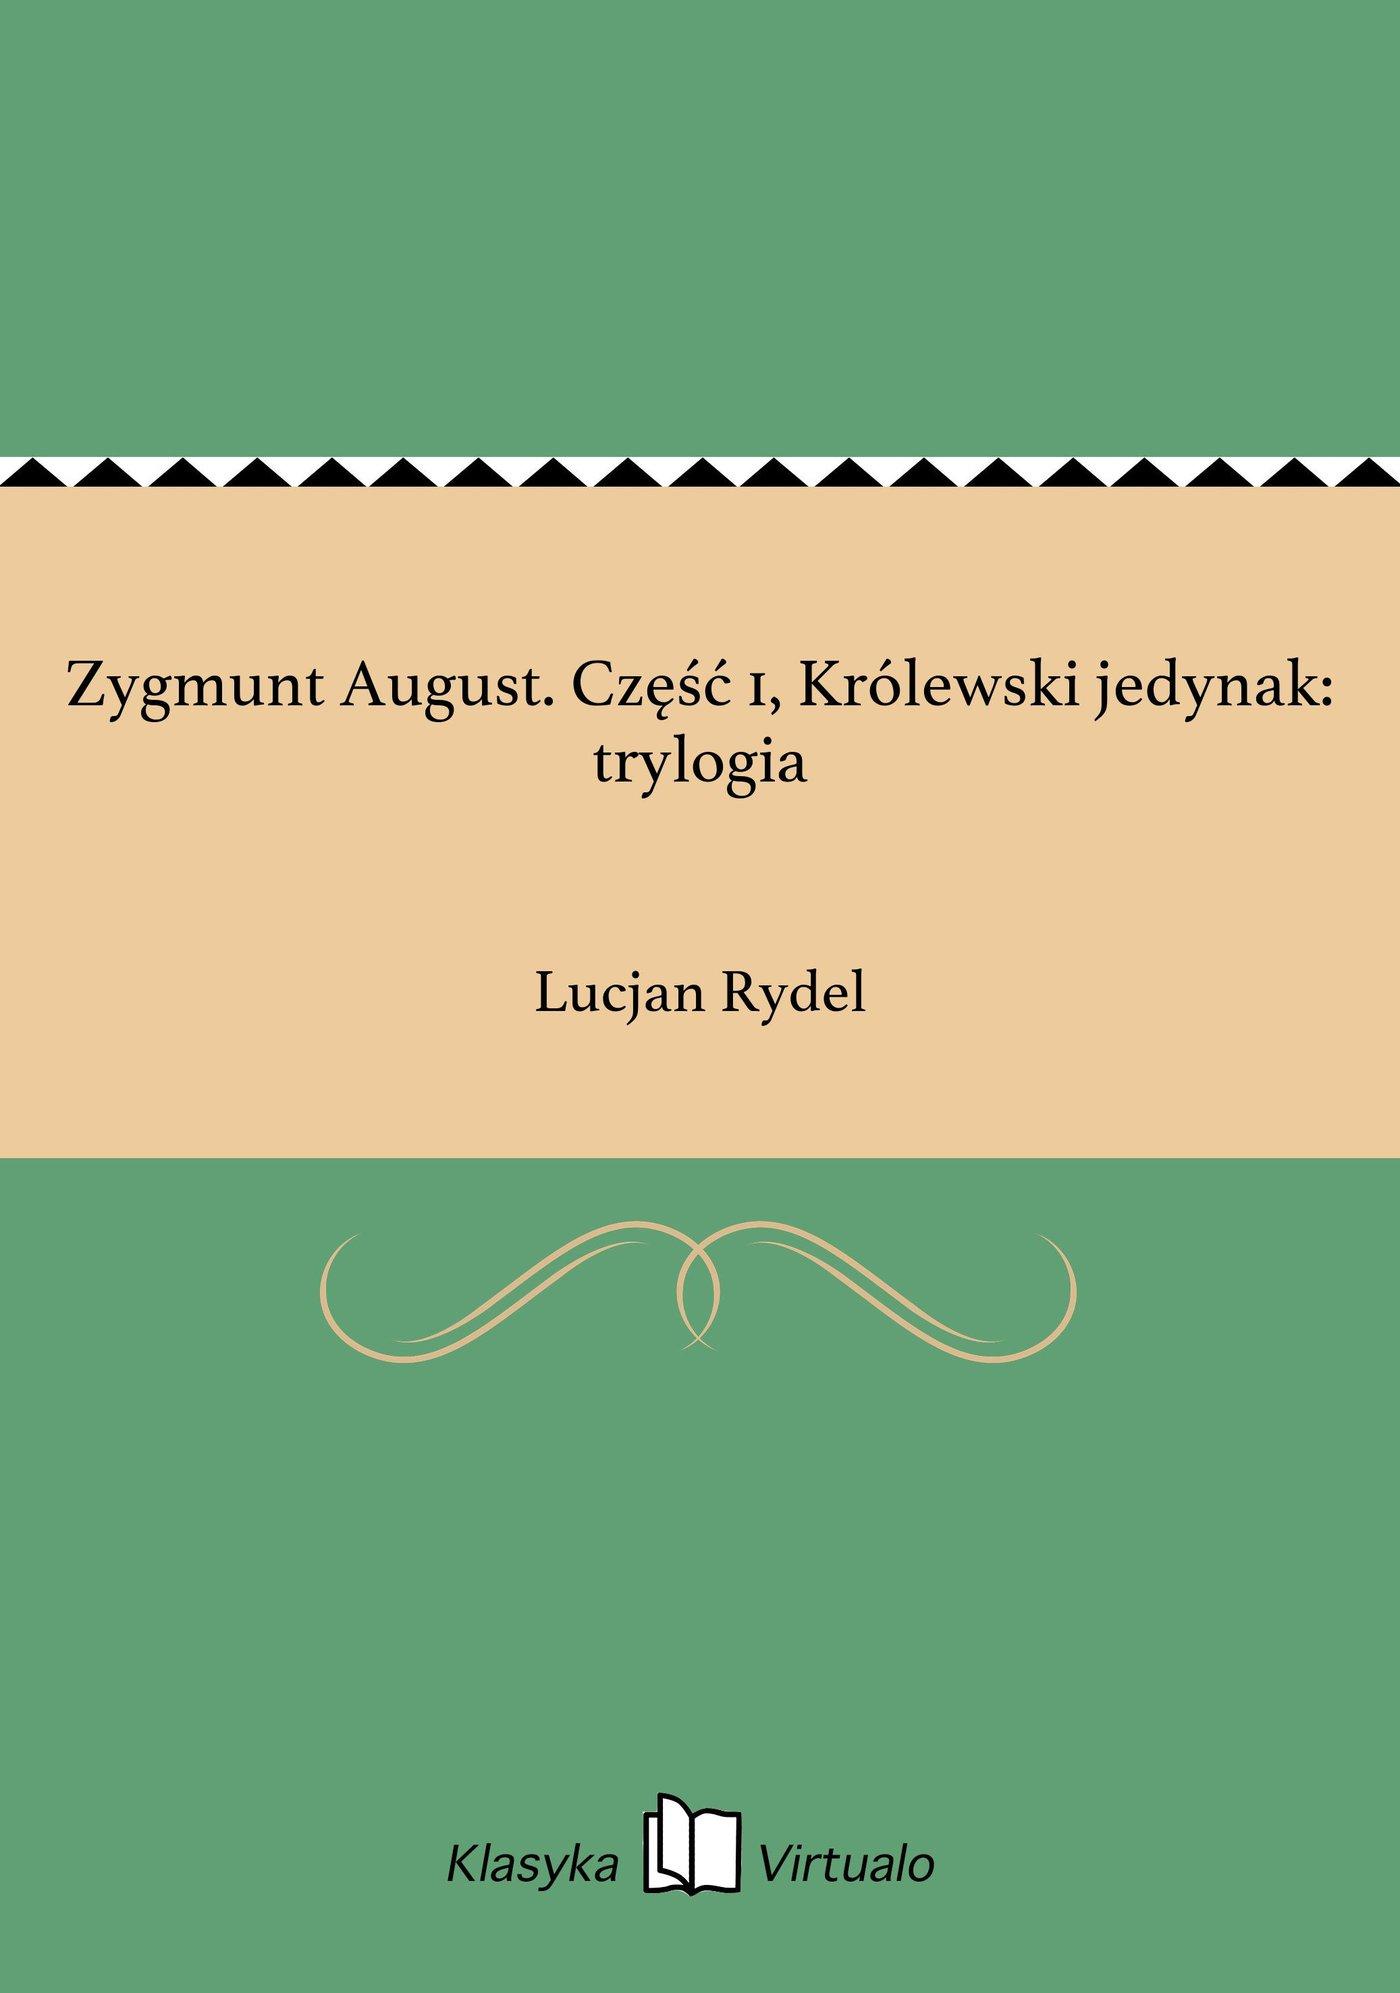 Zygmunt August. Część 1, Królewski jedynak: trylogia - Ebook (Książka EPUB) do pobrania w formacie EPUB